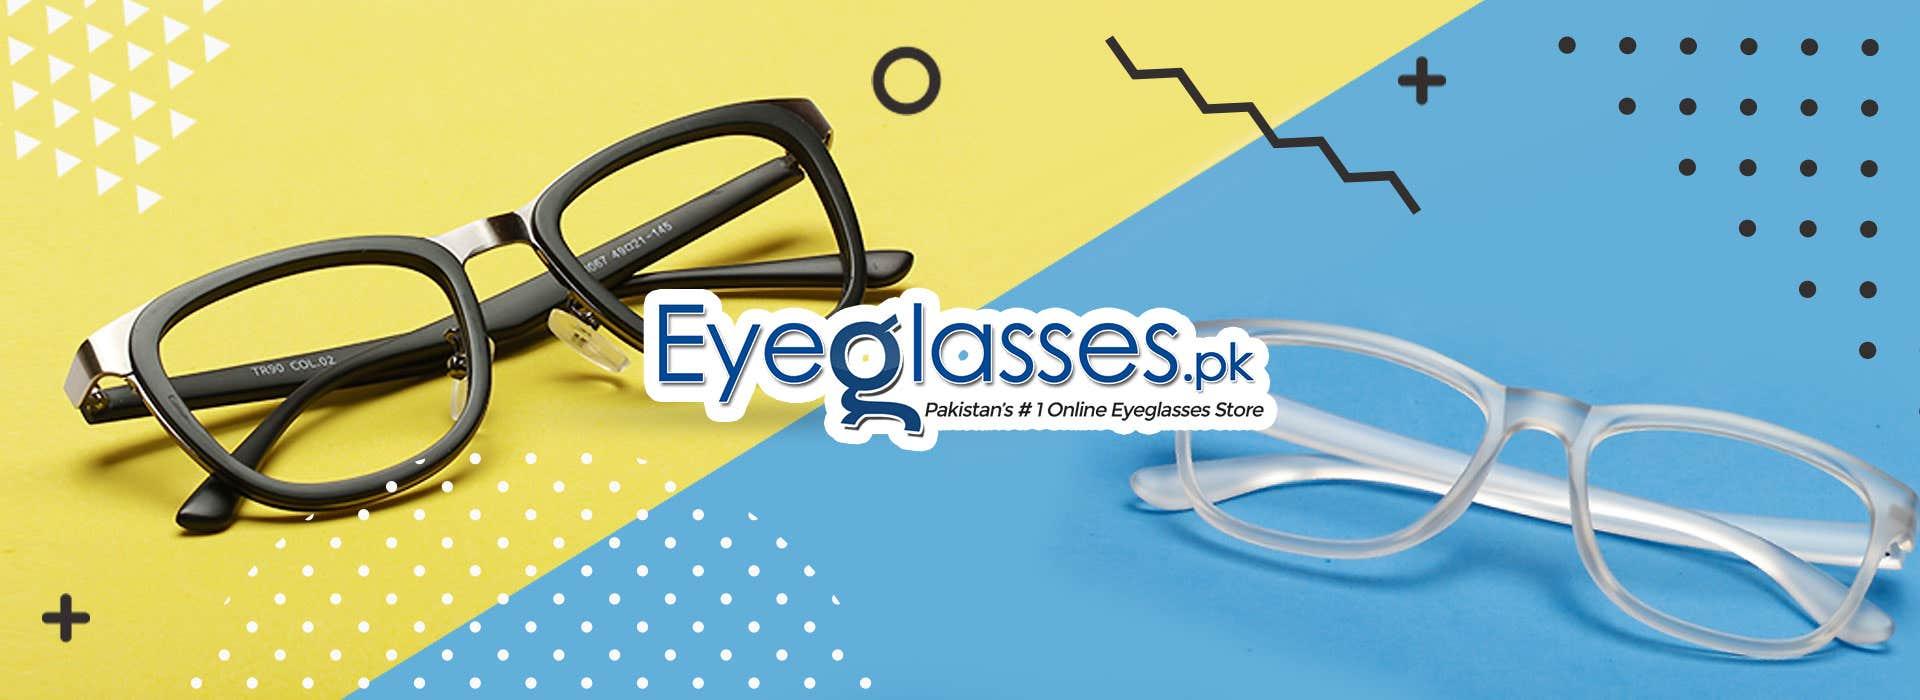 Buy Eyeglasses at Eyeglasses PK